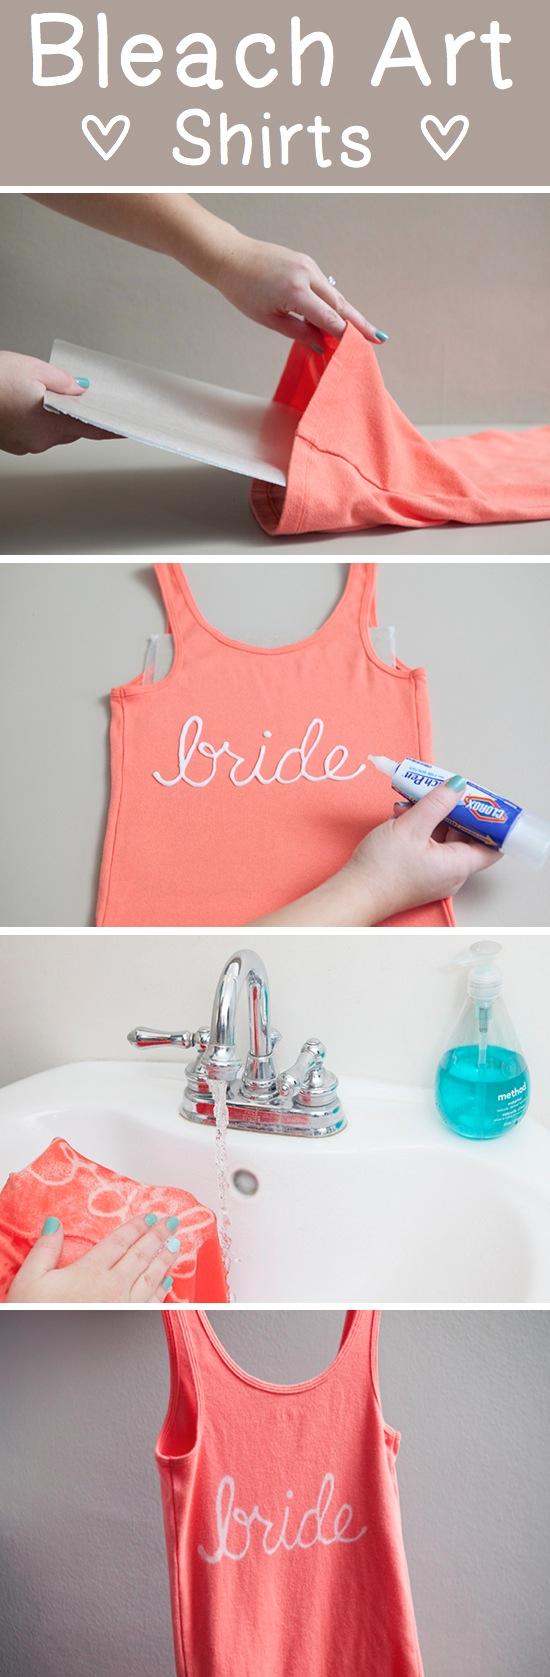 How to make a bleach bride t-shirt   Bleach art, Party shirts and ...